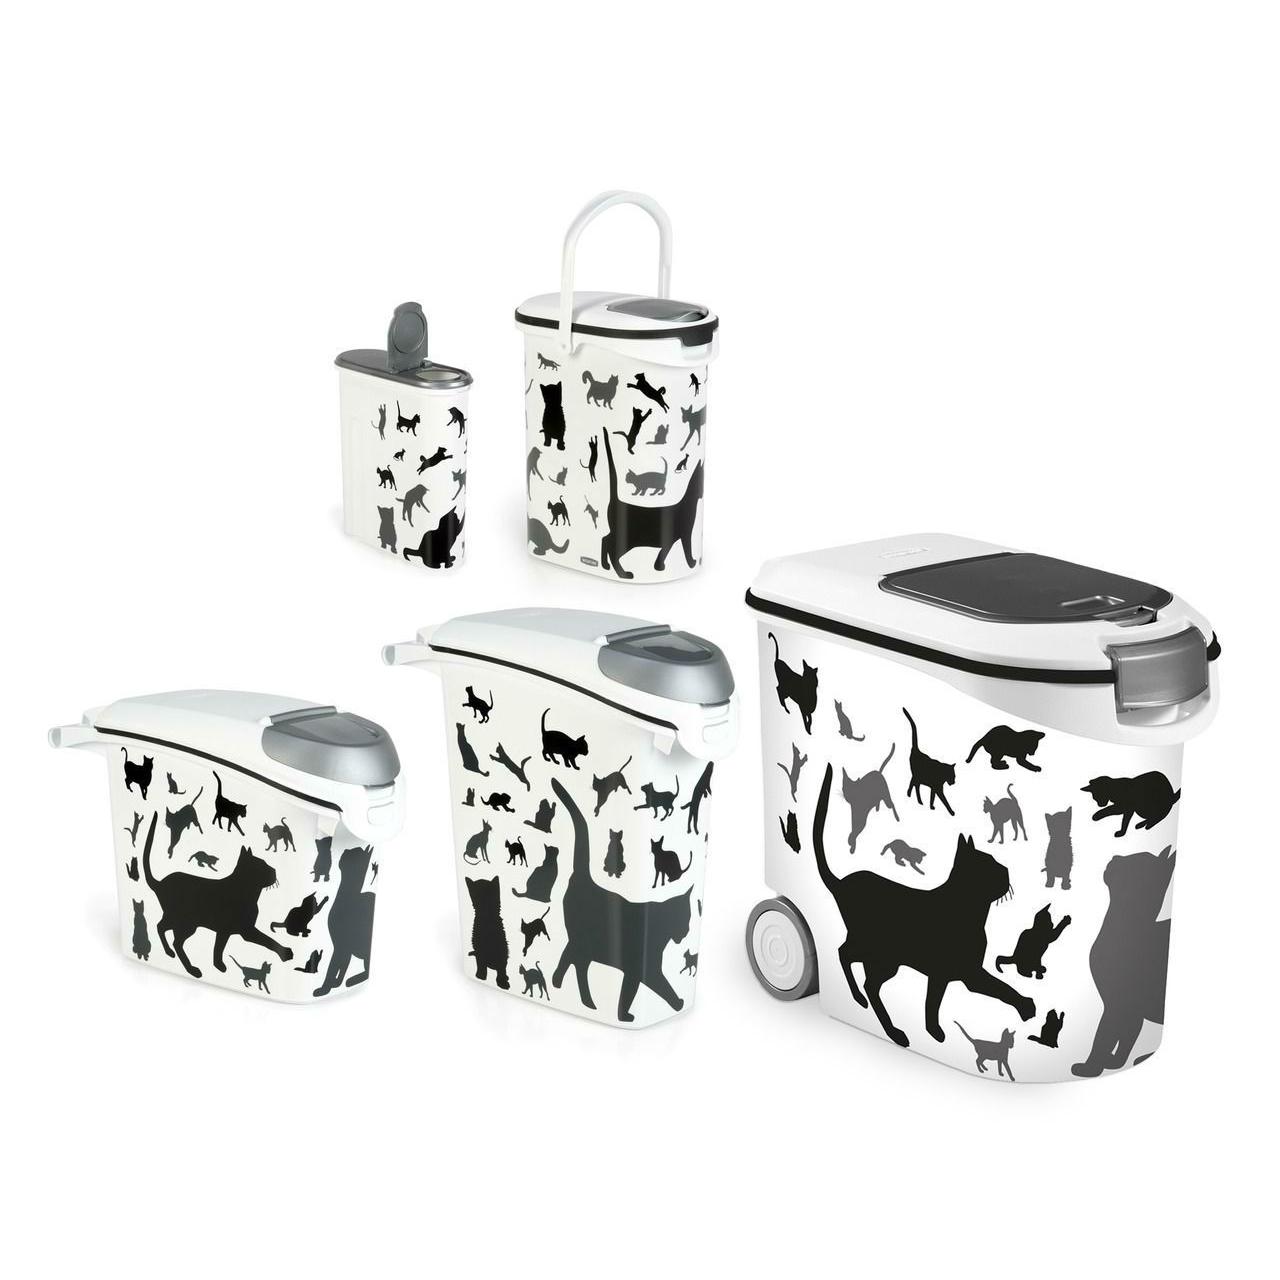 Curver Futtertonne Futterbehälter Silhouette Hunde